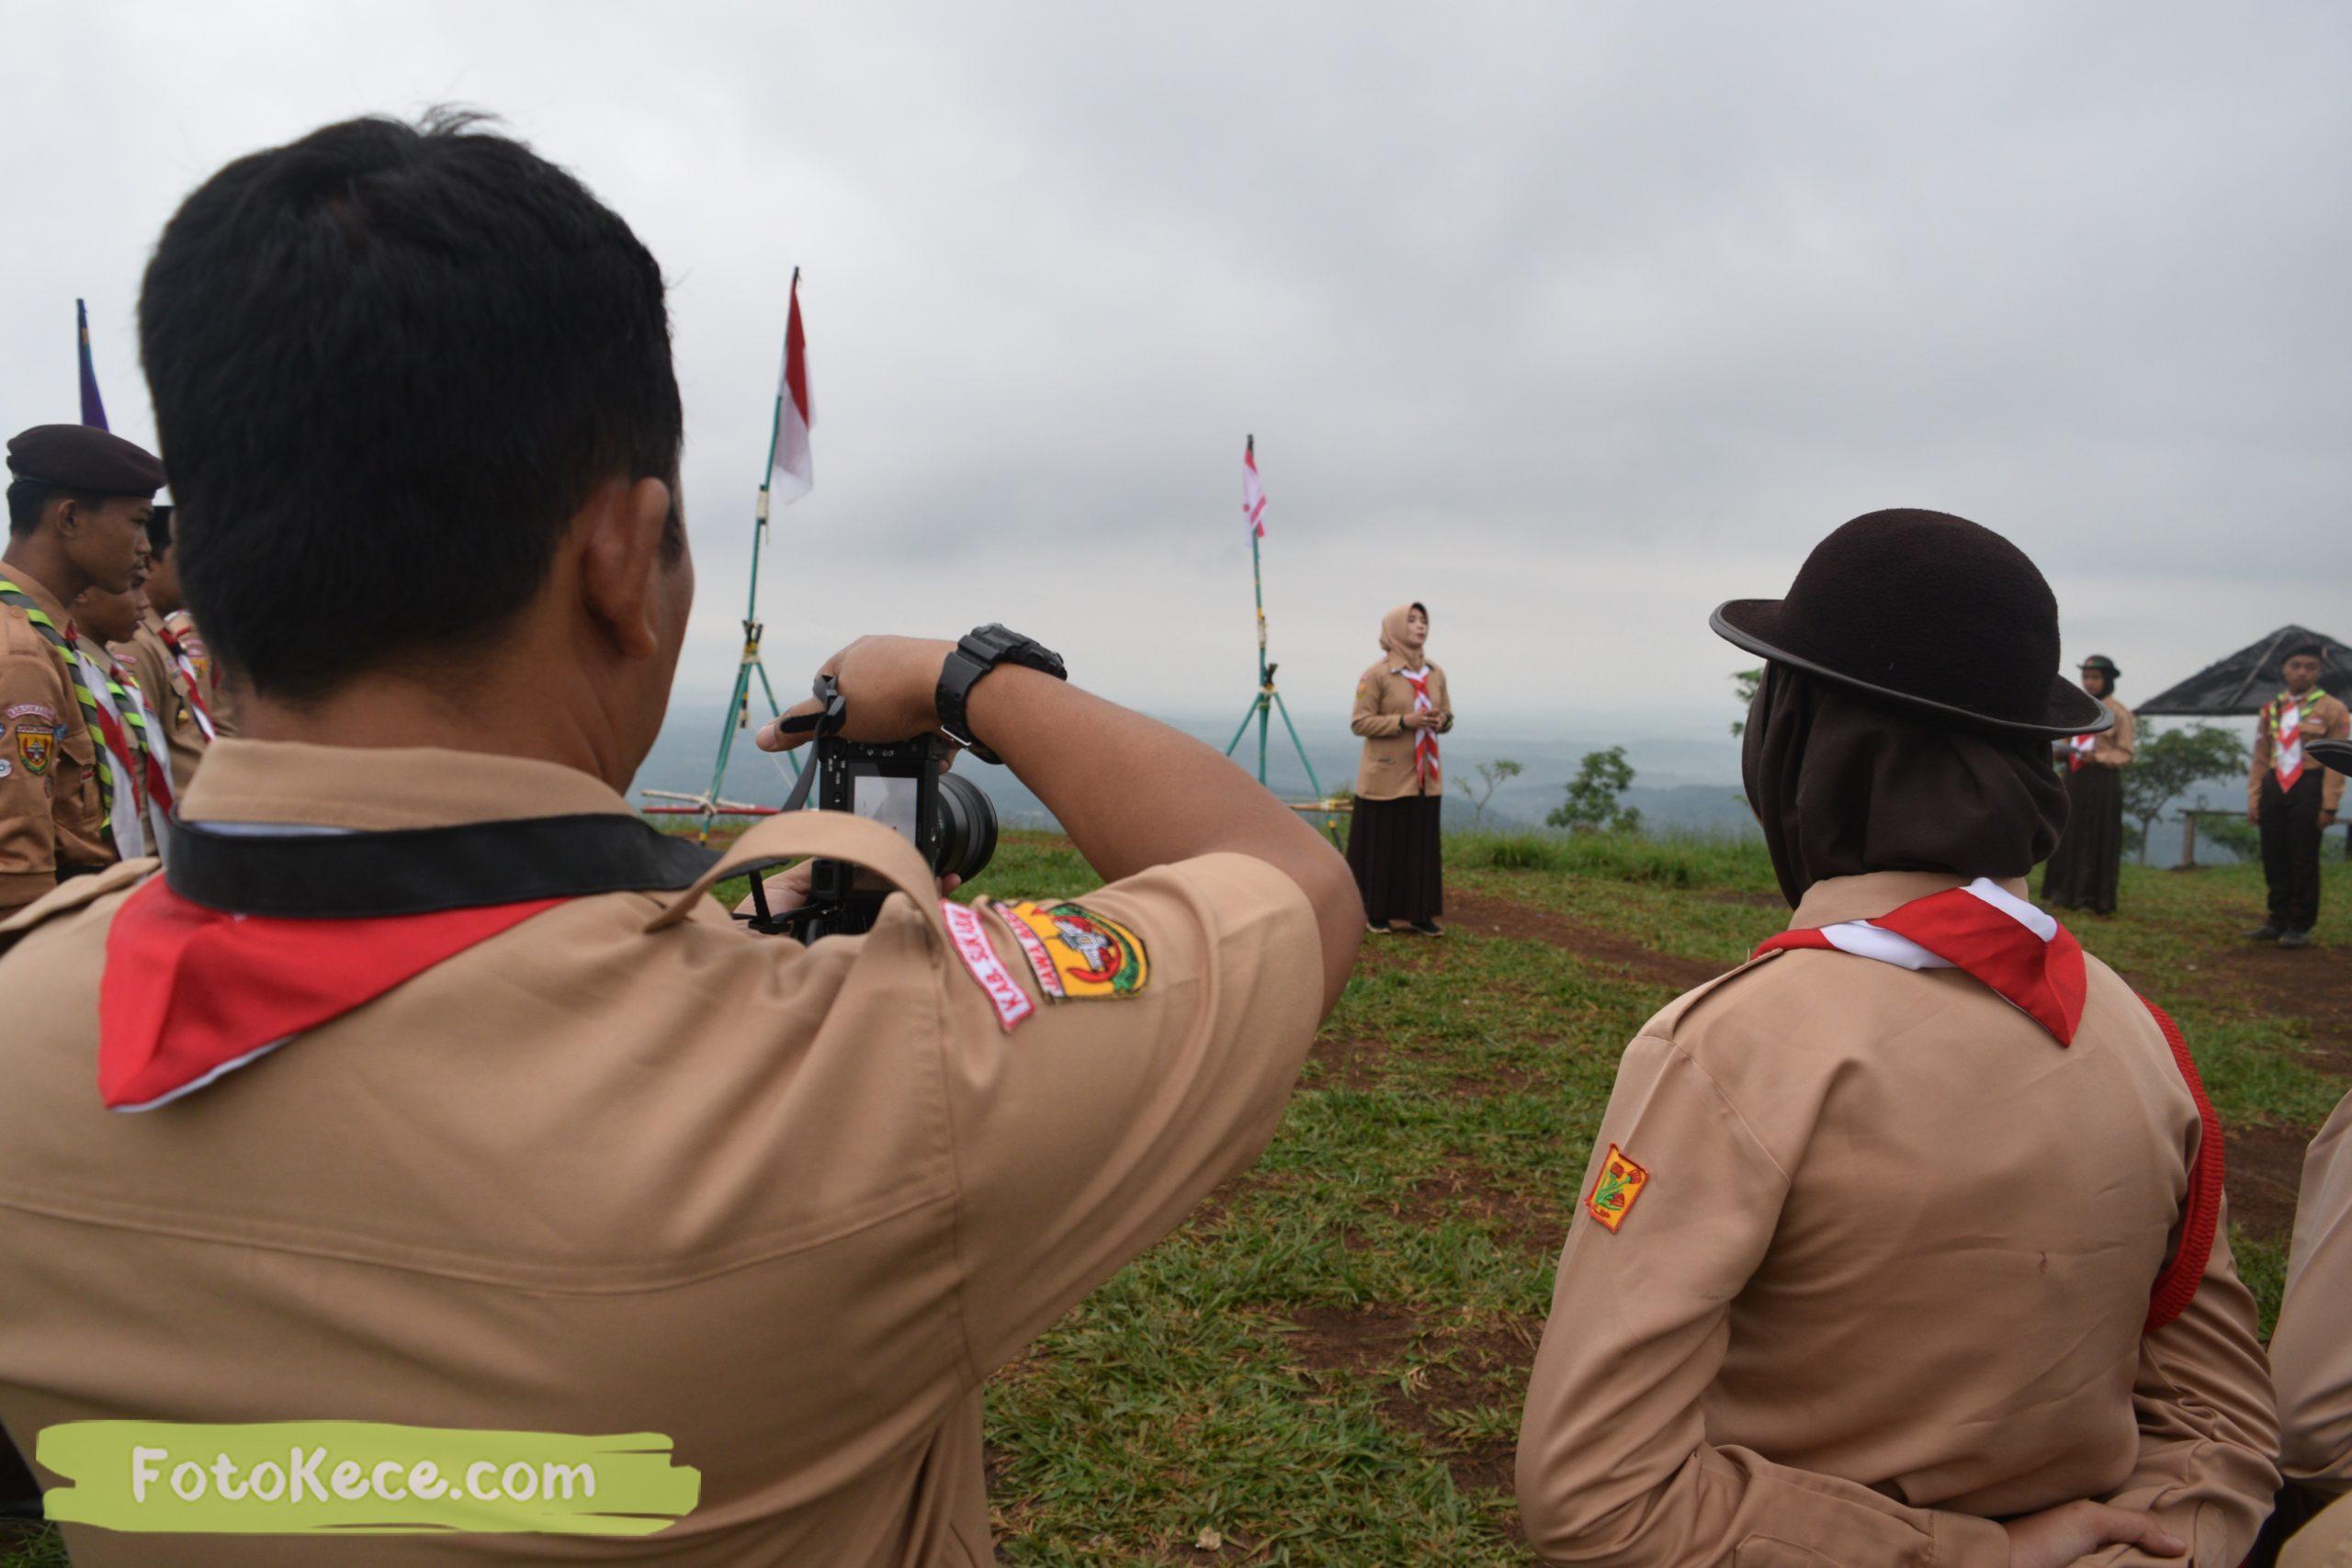 pembukaan perkemahan narakarya 1 mtsn 2 sukabumi 24 25 januari 2020 pramuka hebat wisata alam puncak buluh jampangkulon 20 scaled